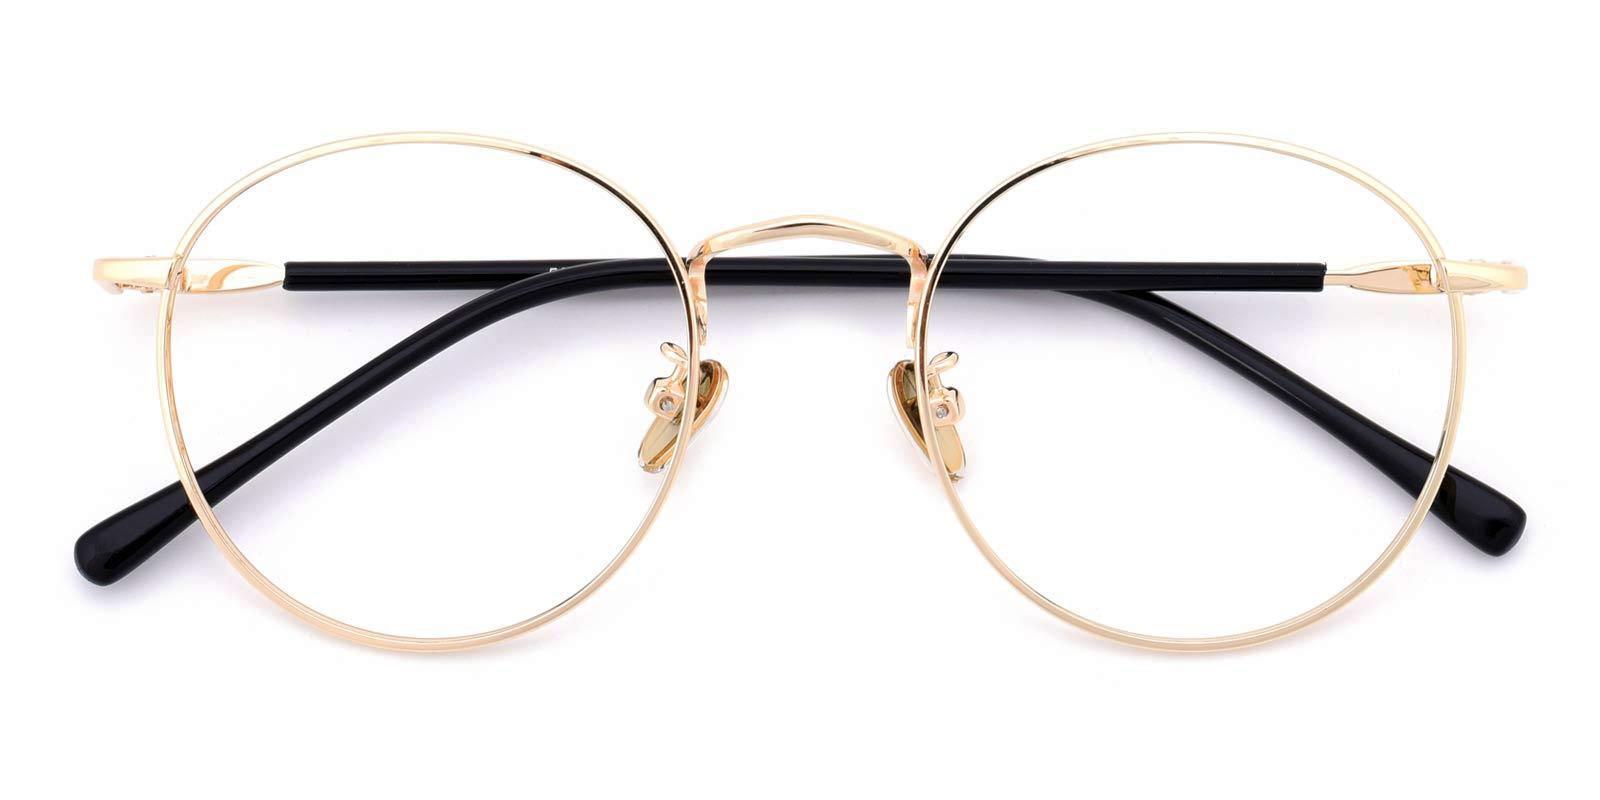 Donuts-Gold-Round-Metal-Eyeglasses-detail